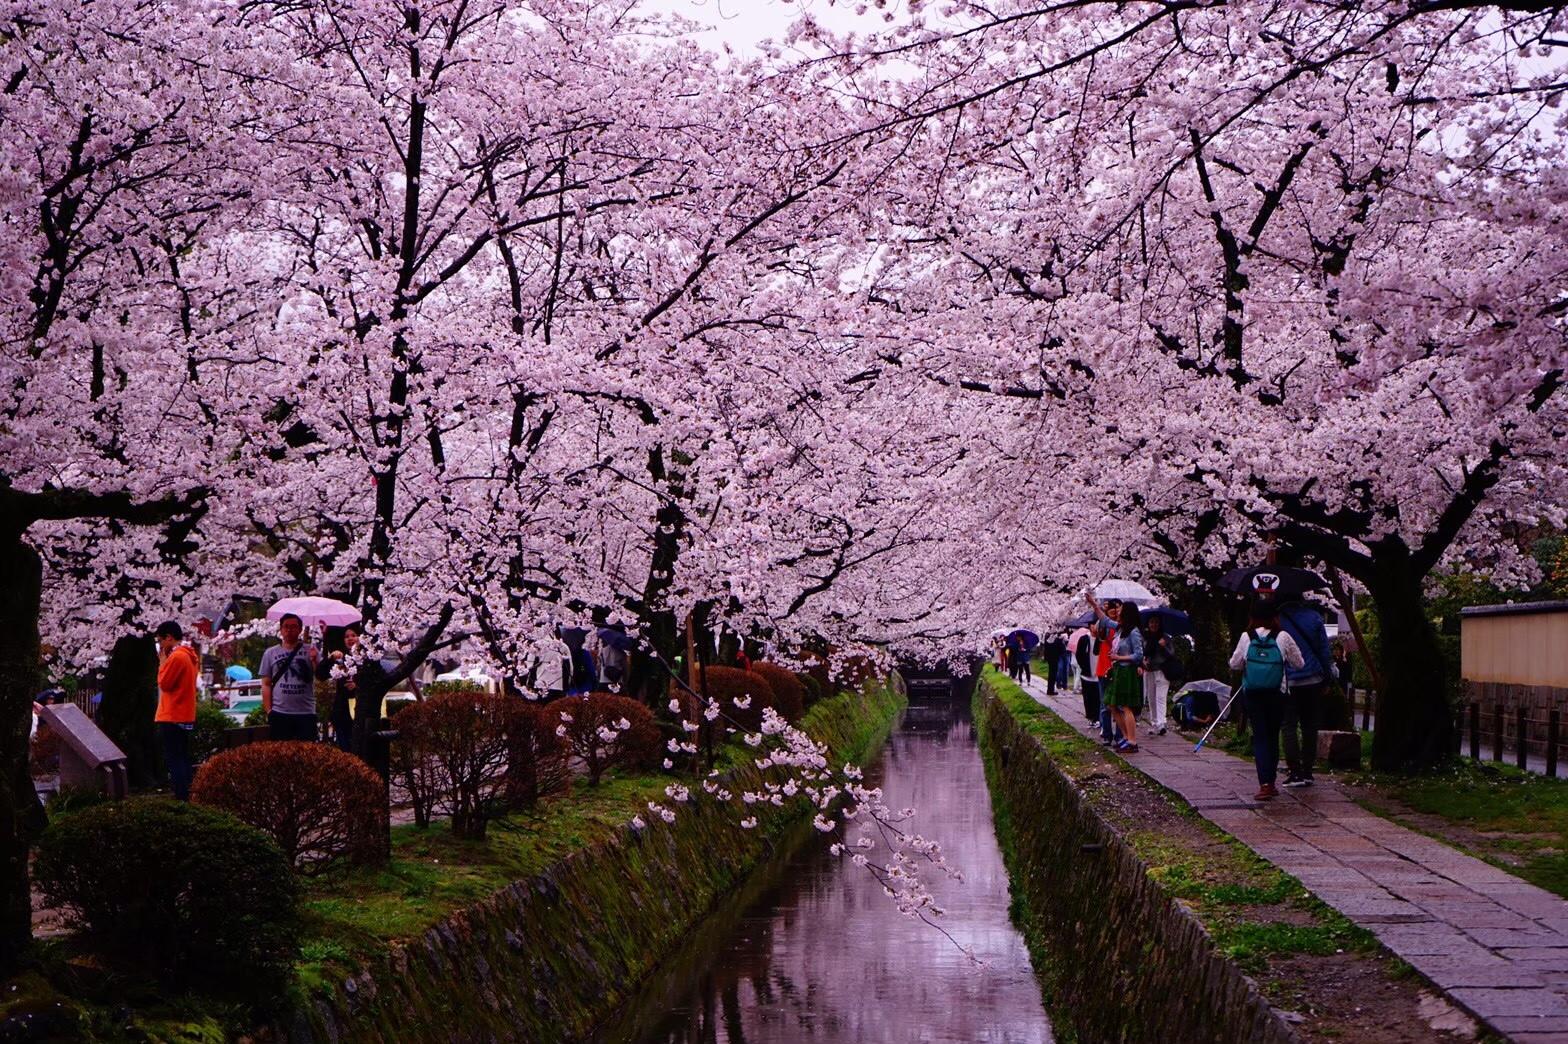 【女子旅におすすめ】京都で体験して最高だったベストメモリーまとめ♡_19